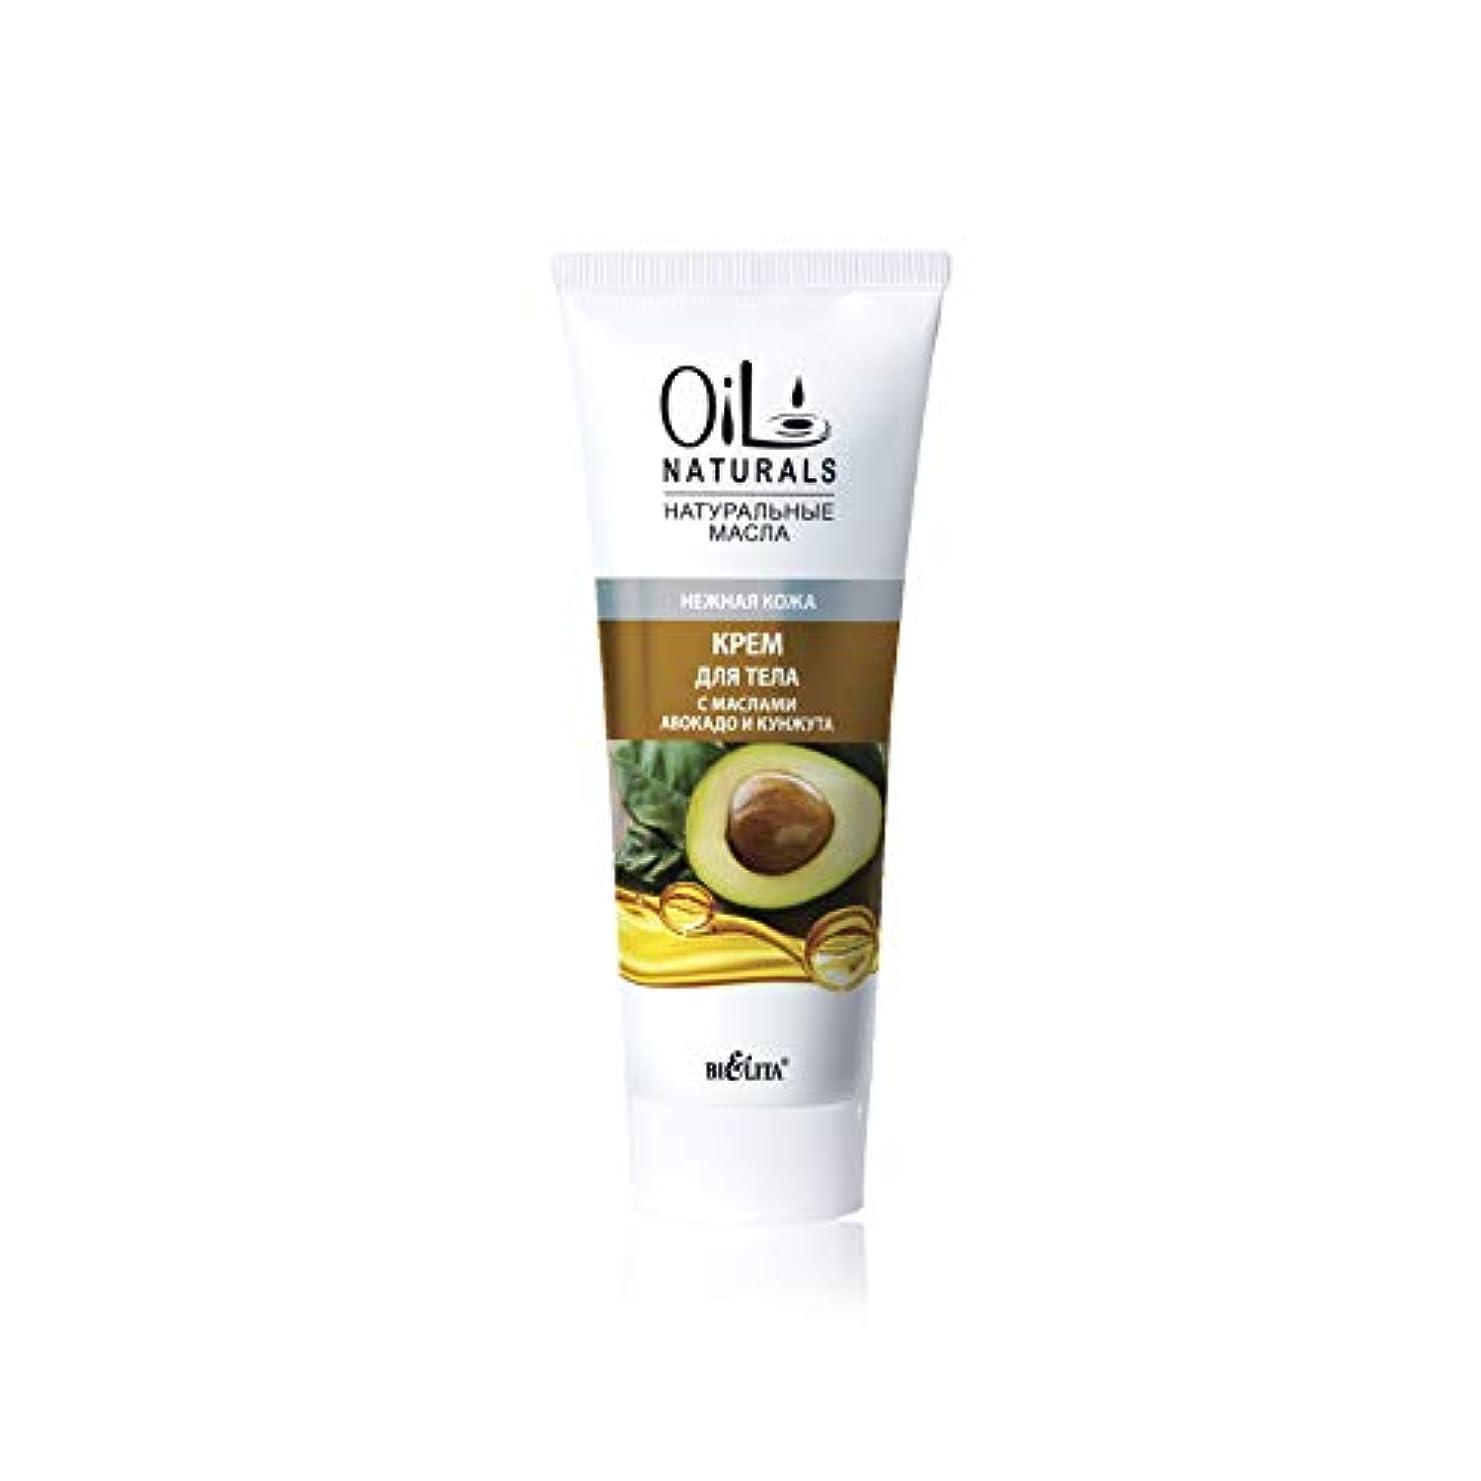 受粉するレッスン露骨なBielita & Vitex   Oil Naturals Line   Moisturizing Body Cream for Delicate Skin, 200 ml   Avocado Oil, Silk Proteins, Sesame Oil, Vitamins